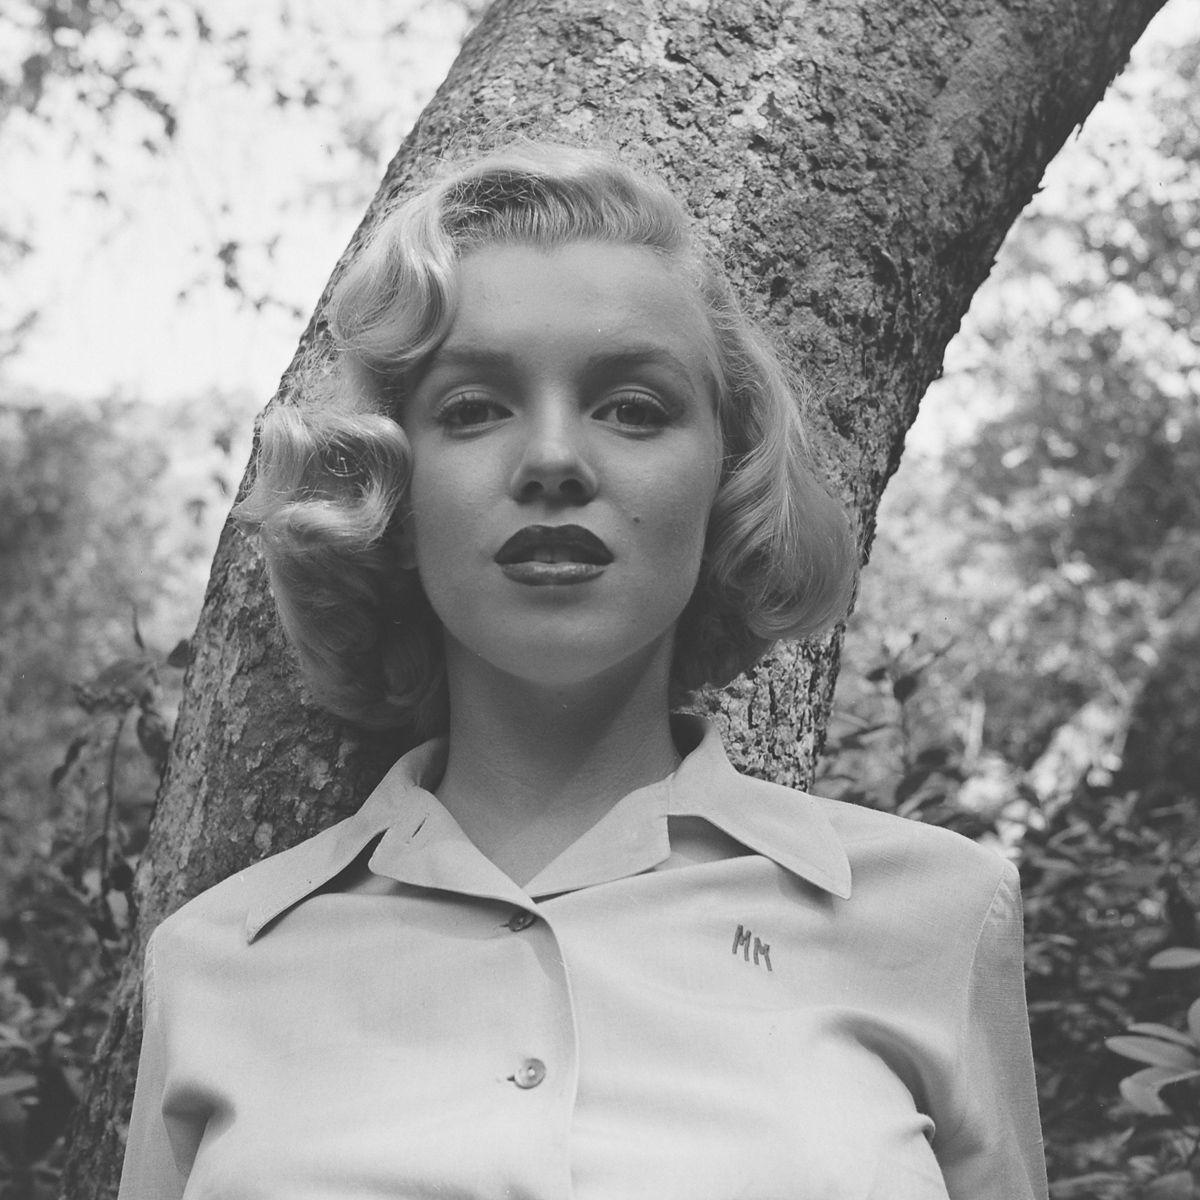 Fotos raras de Marilyn Monroe caminhando no bosque antes de ser famosa 04